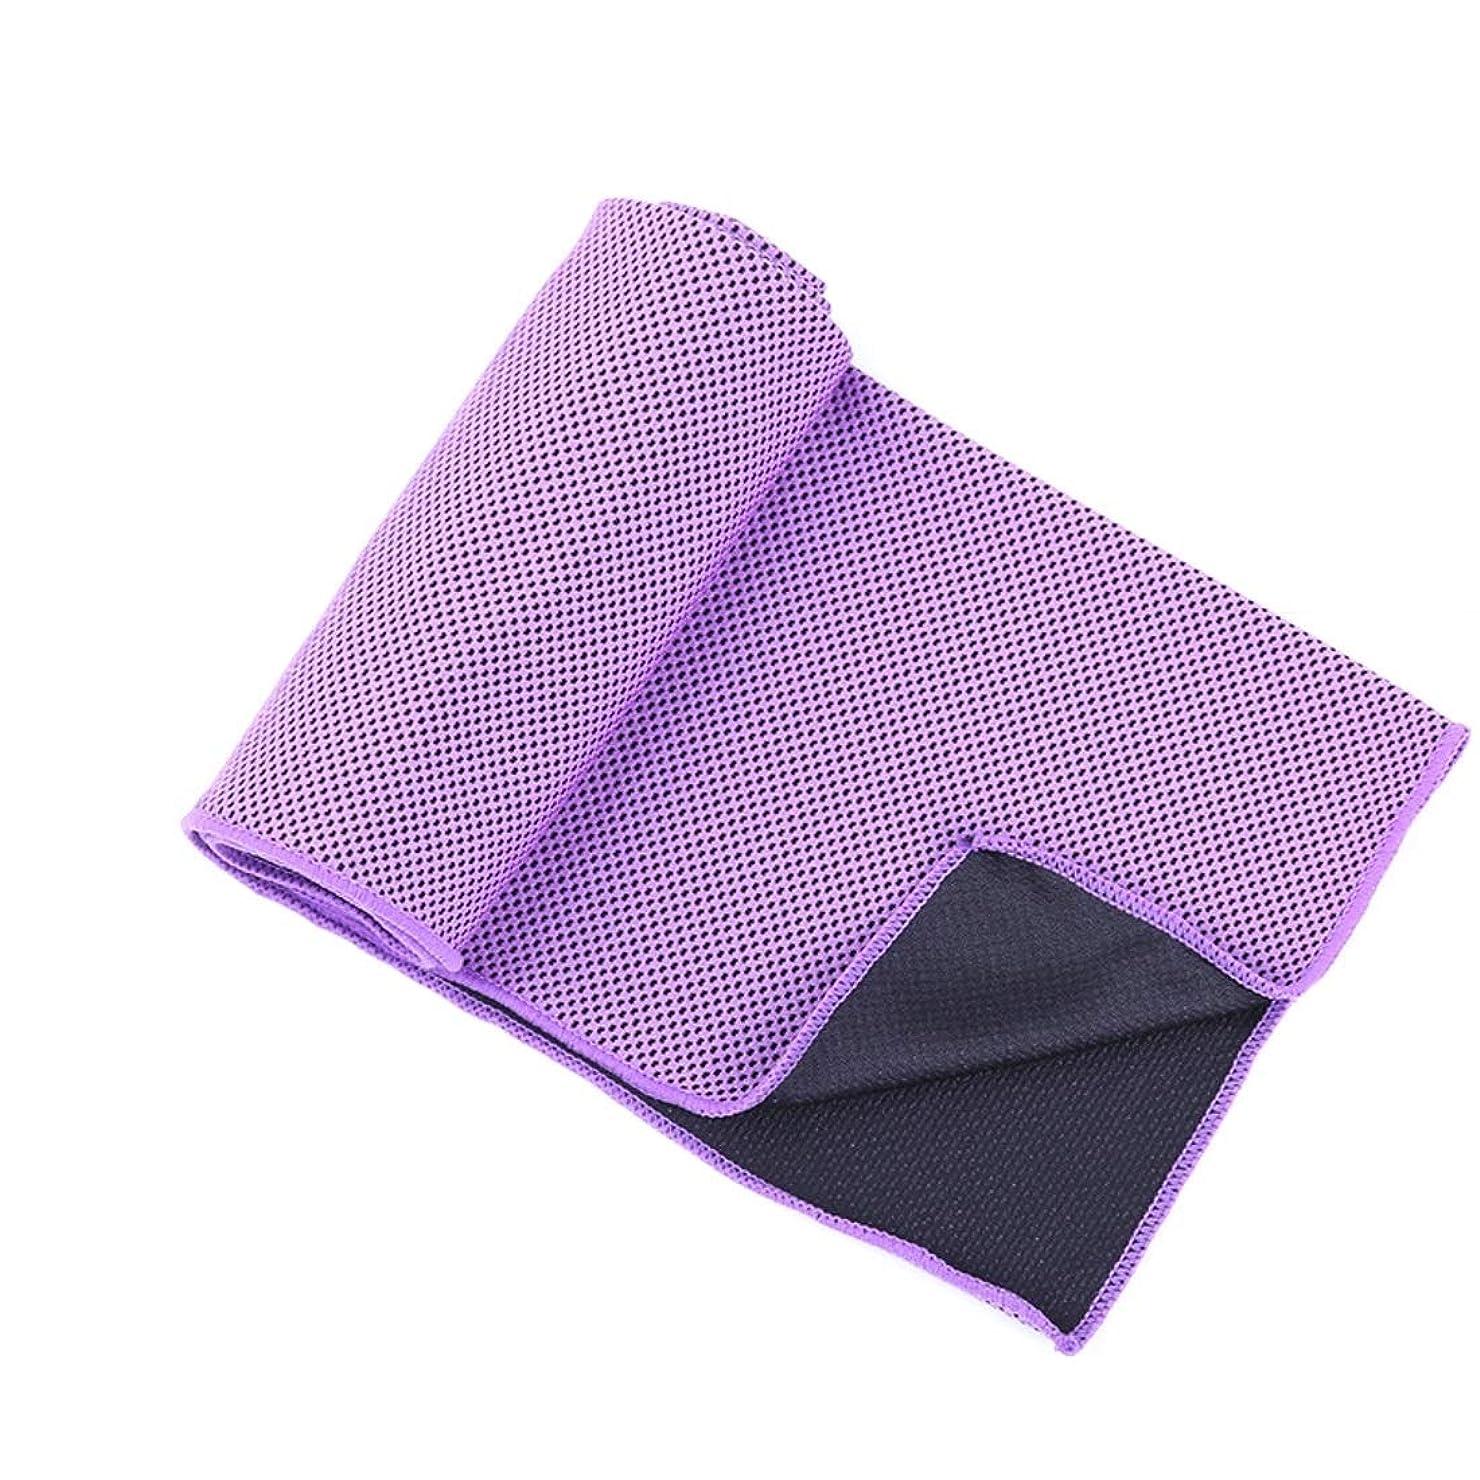 砂利マカダム引き算Dingfei 反熱射病冷却タオルスポーツタオル、トレーニング、フィットネス、ジム、ヨガ、ピラティス、旅行、キャンプ (Color : Purple)